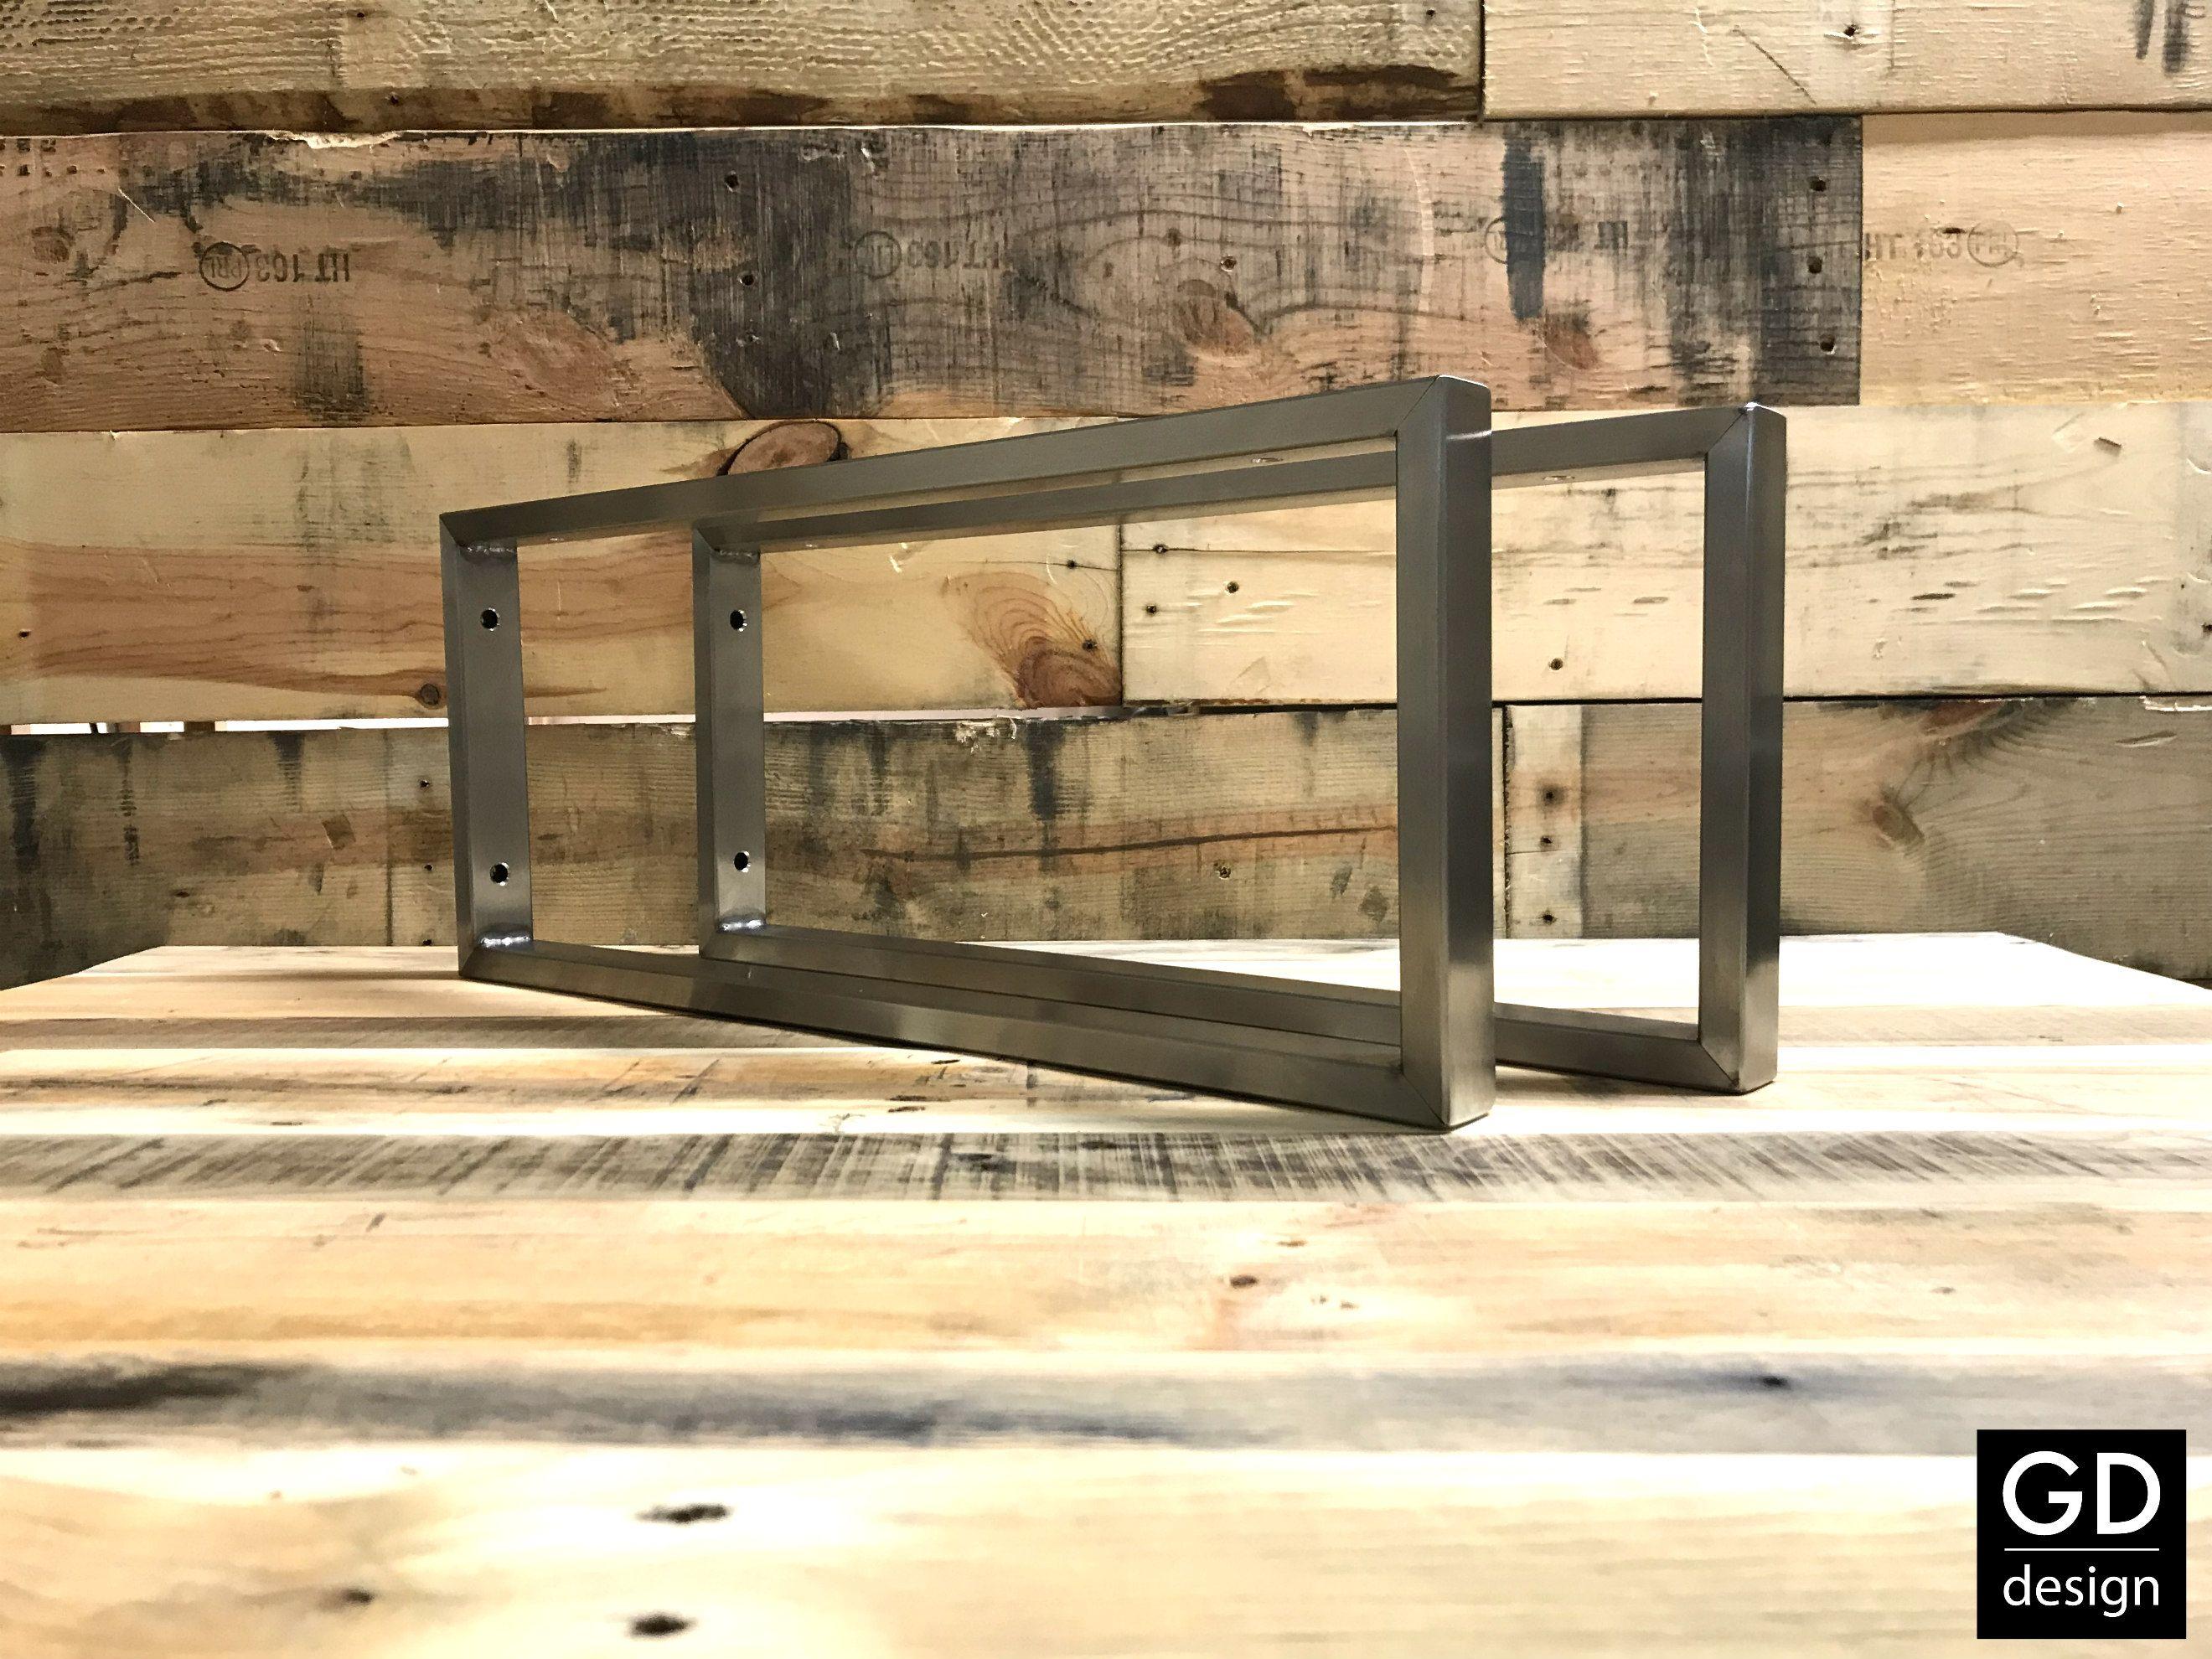 Rvs Plankdragers Voor Moderne Badkamer Badkamer Modern Rvs Keukenplank